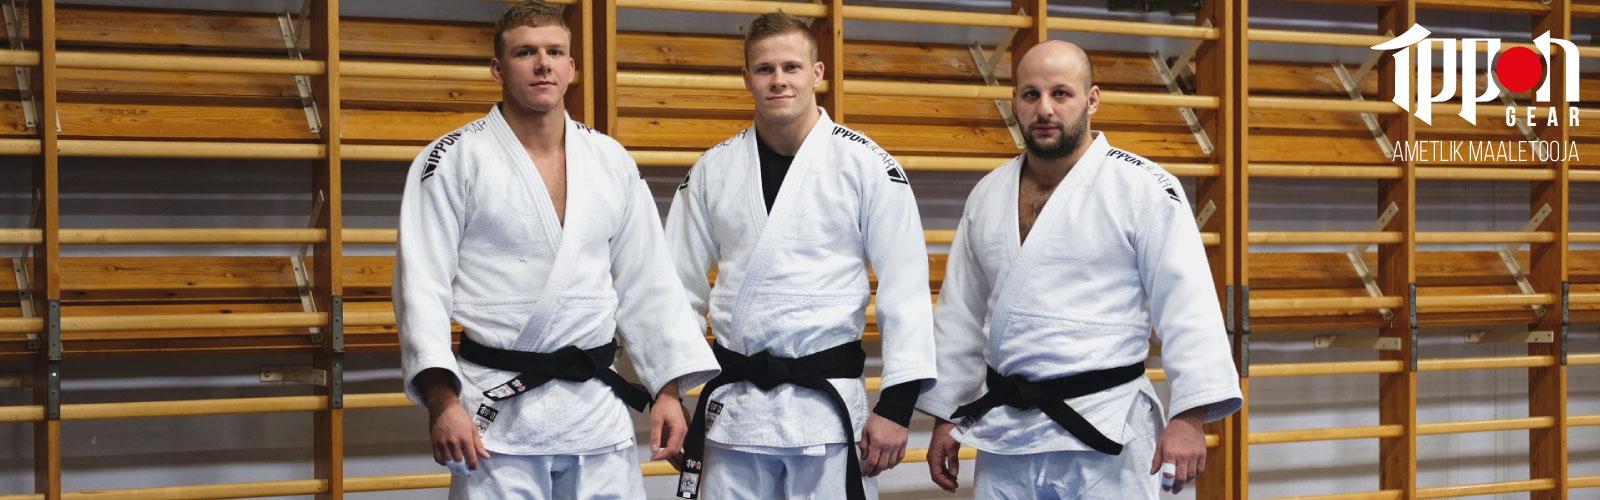 Budopunkt Ippon Gear Judo varustuse ametlik maaletooja Eestis